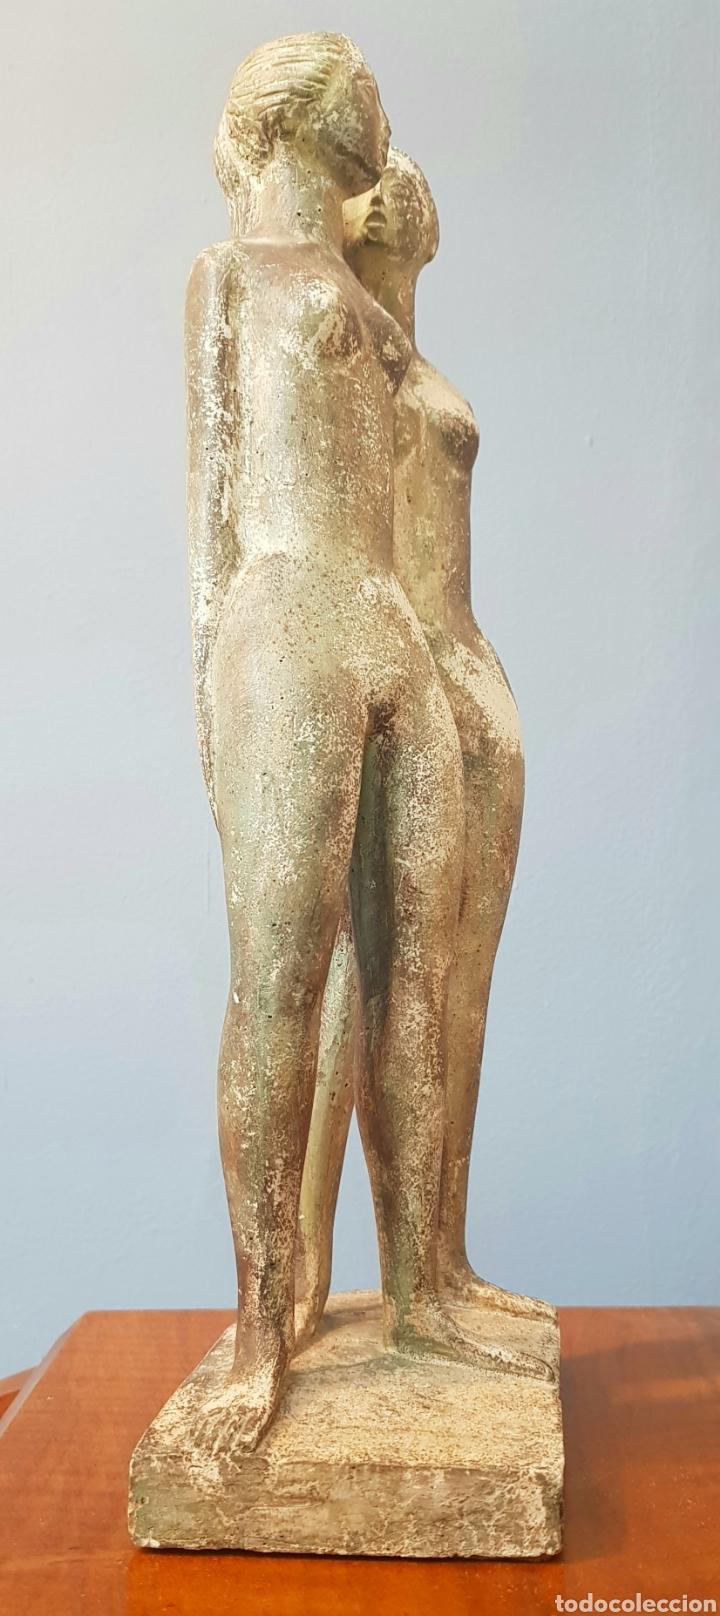 Arte: Chuck Dodson, preciosa escultura vintage 2 mujeres en piedra, firmada. - Foto 7 - 159401121